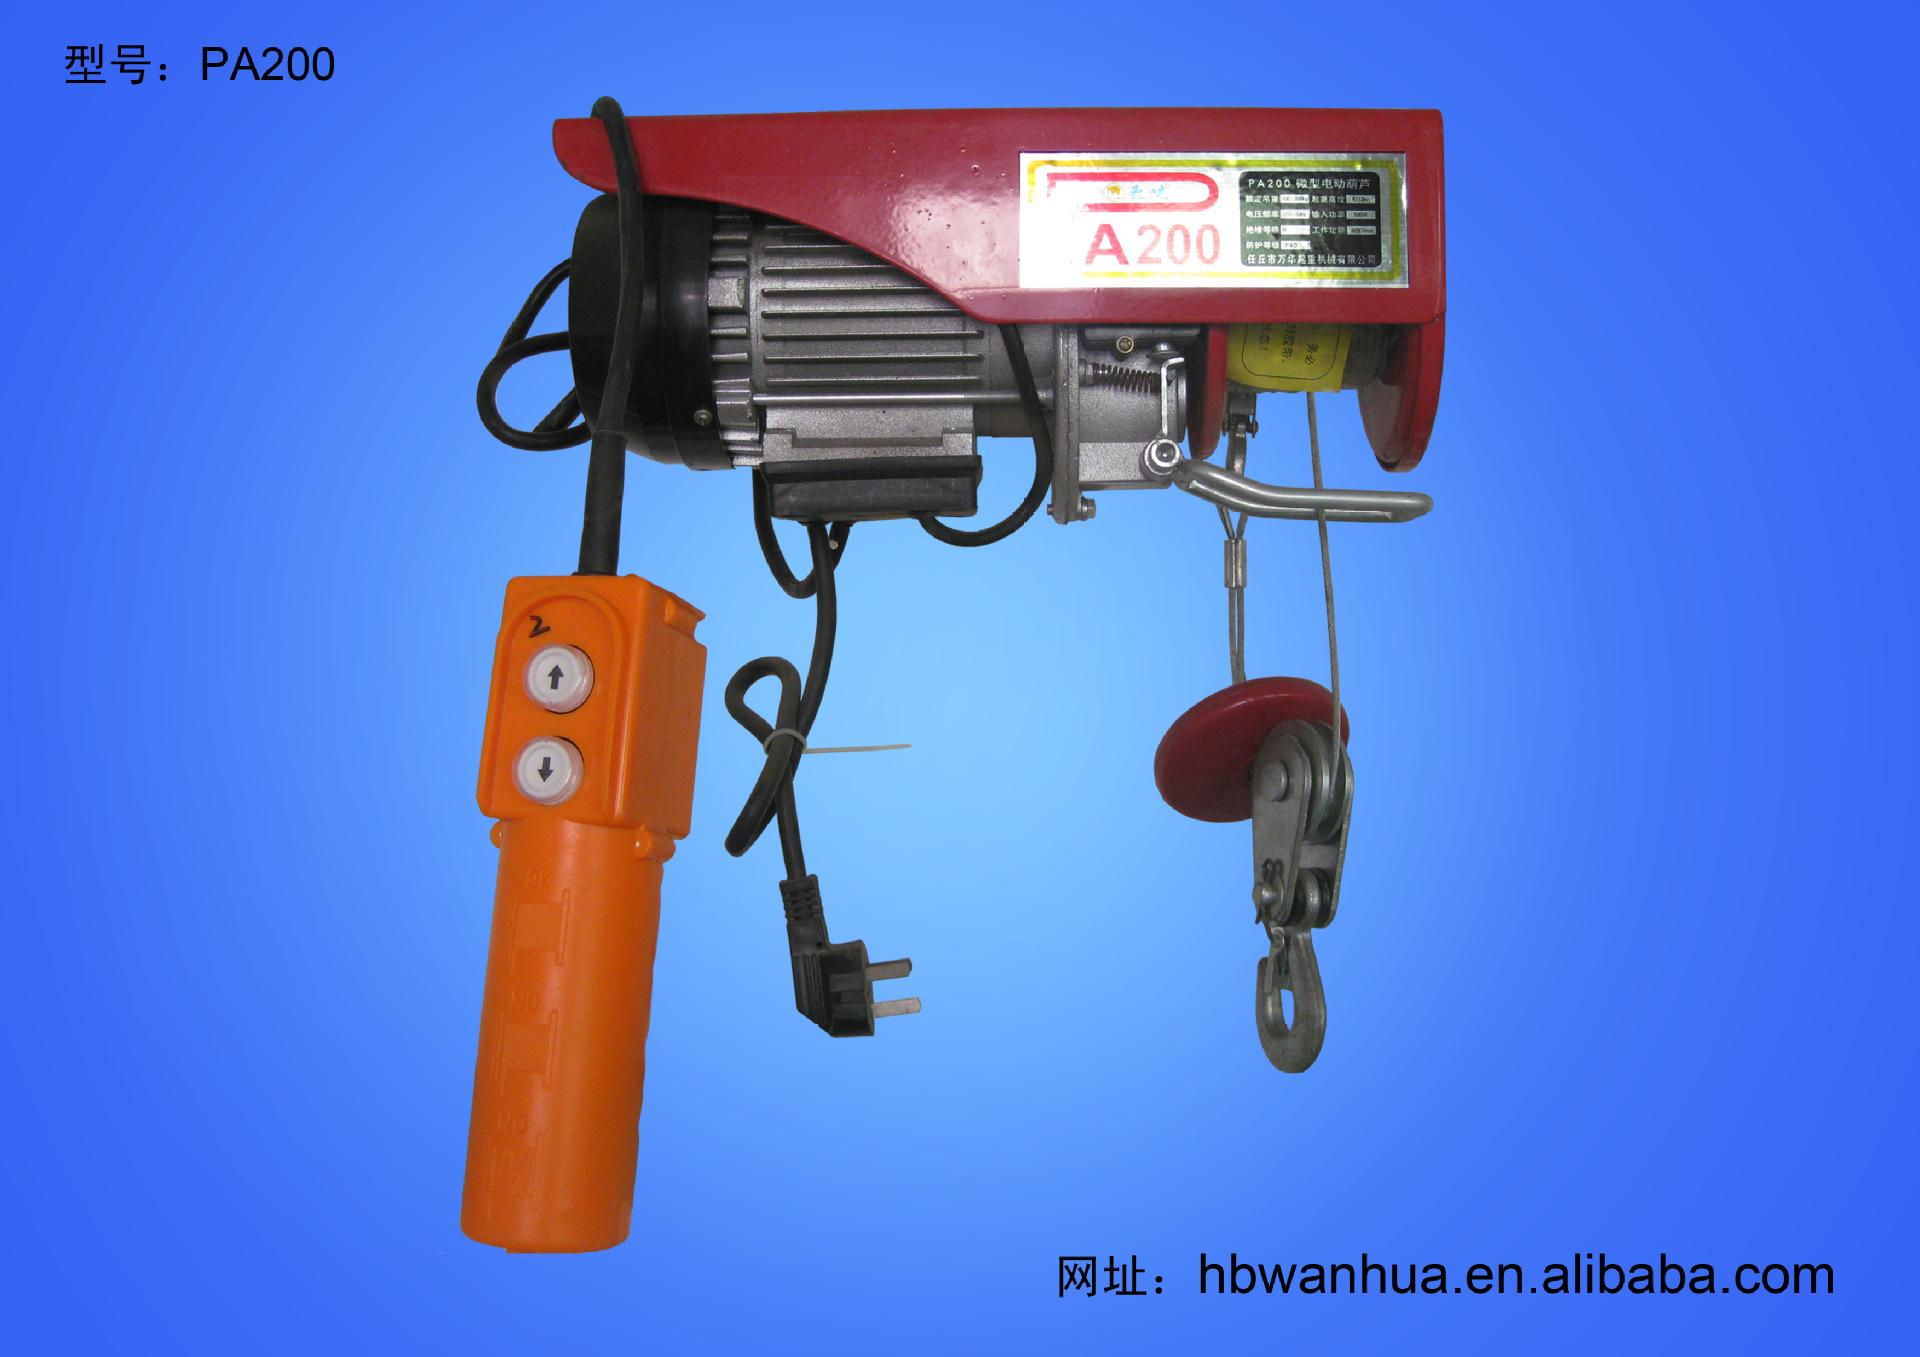 任丘万华专业生产电动葫芦,手扳葫芦,跑车。(制造商)